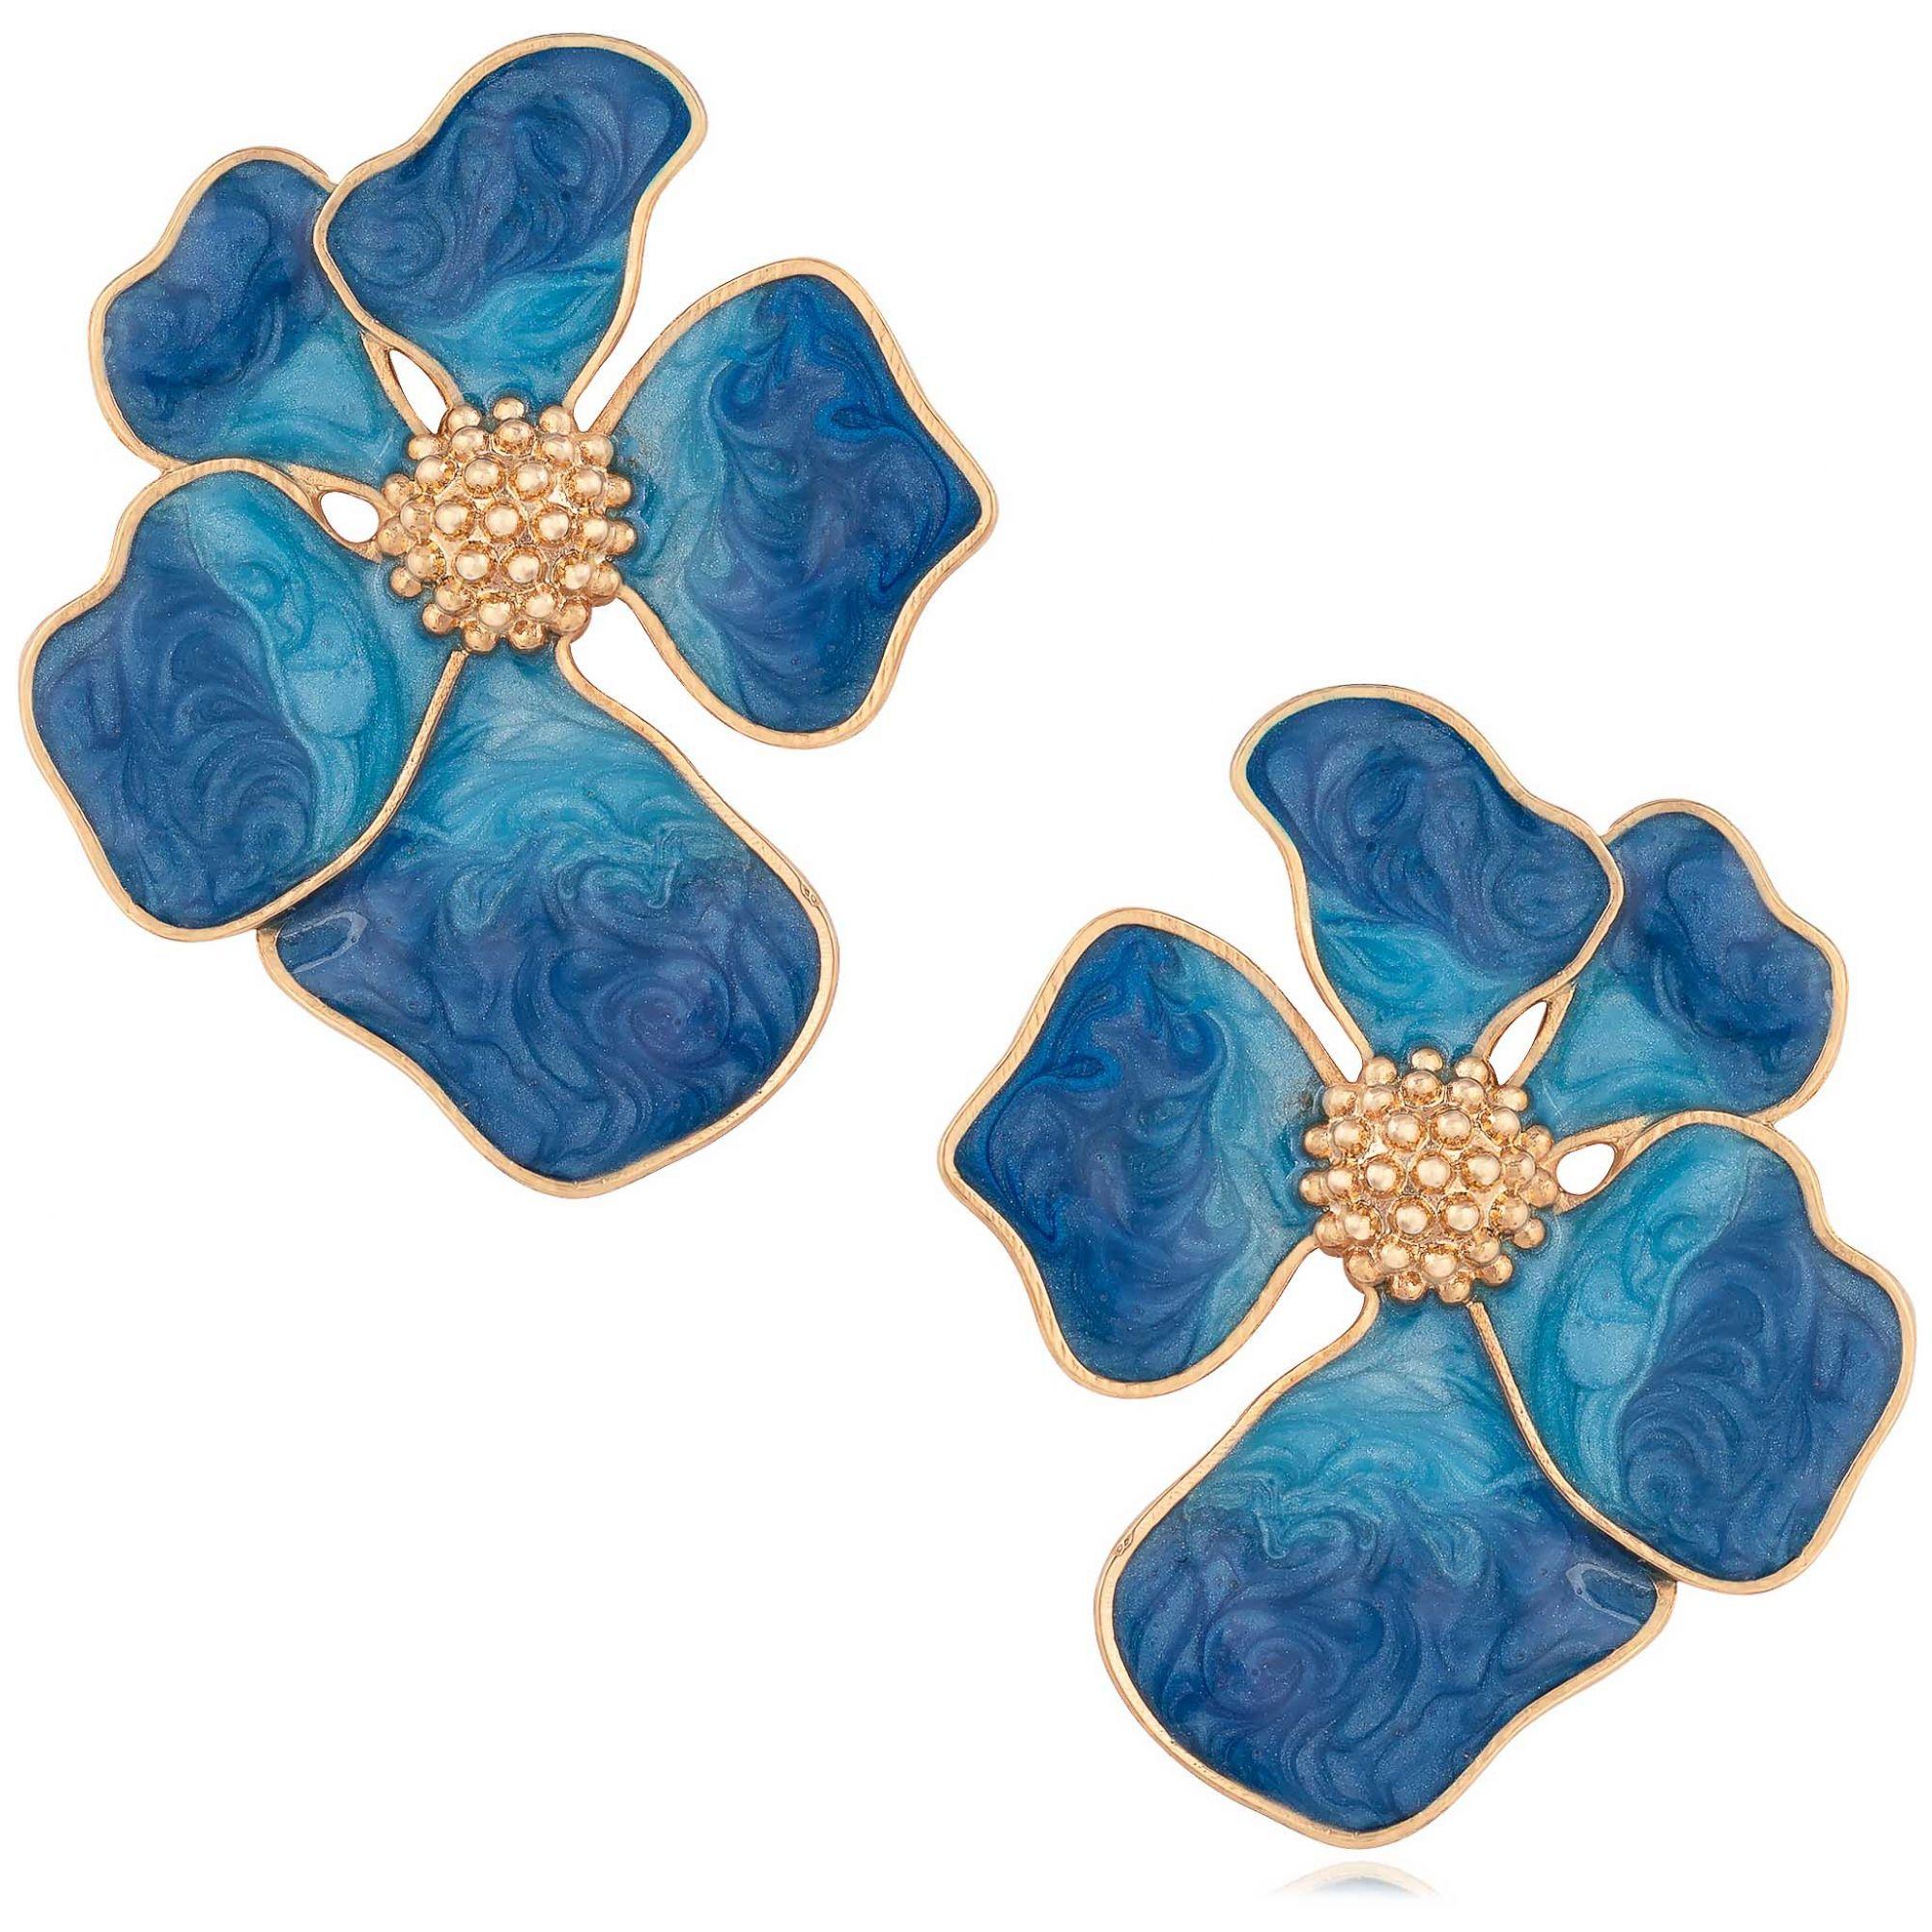 Brinco de flor banhado a ouro 18k com aplique resinado em azul.  - romabrazil.com.br